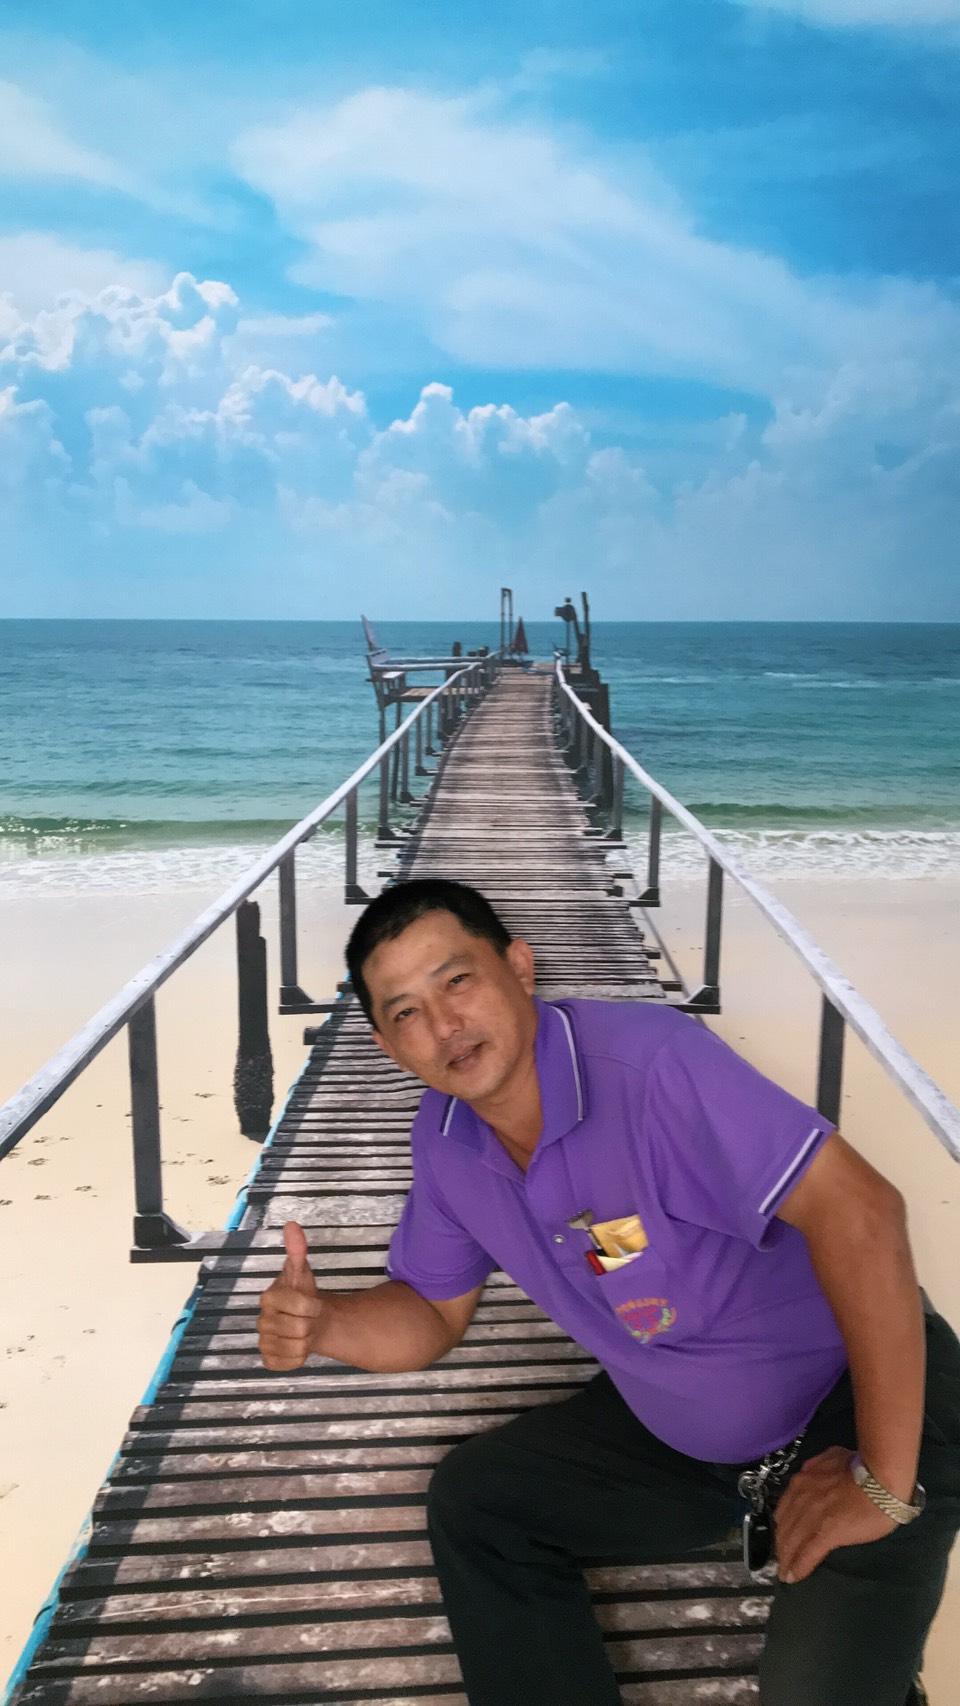 前鎮區公所新景點,充滿浪漫海灘風情,歡迎您來拍照!